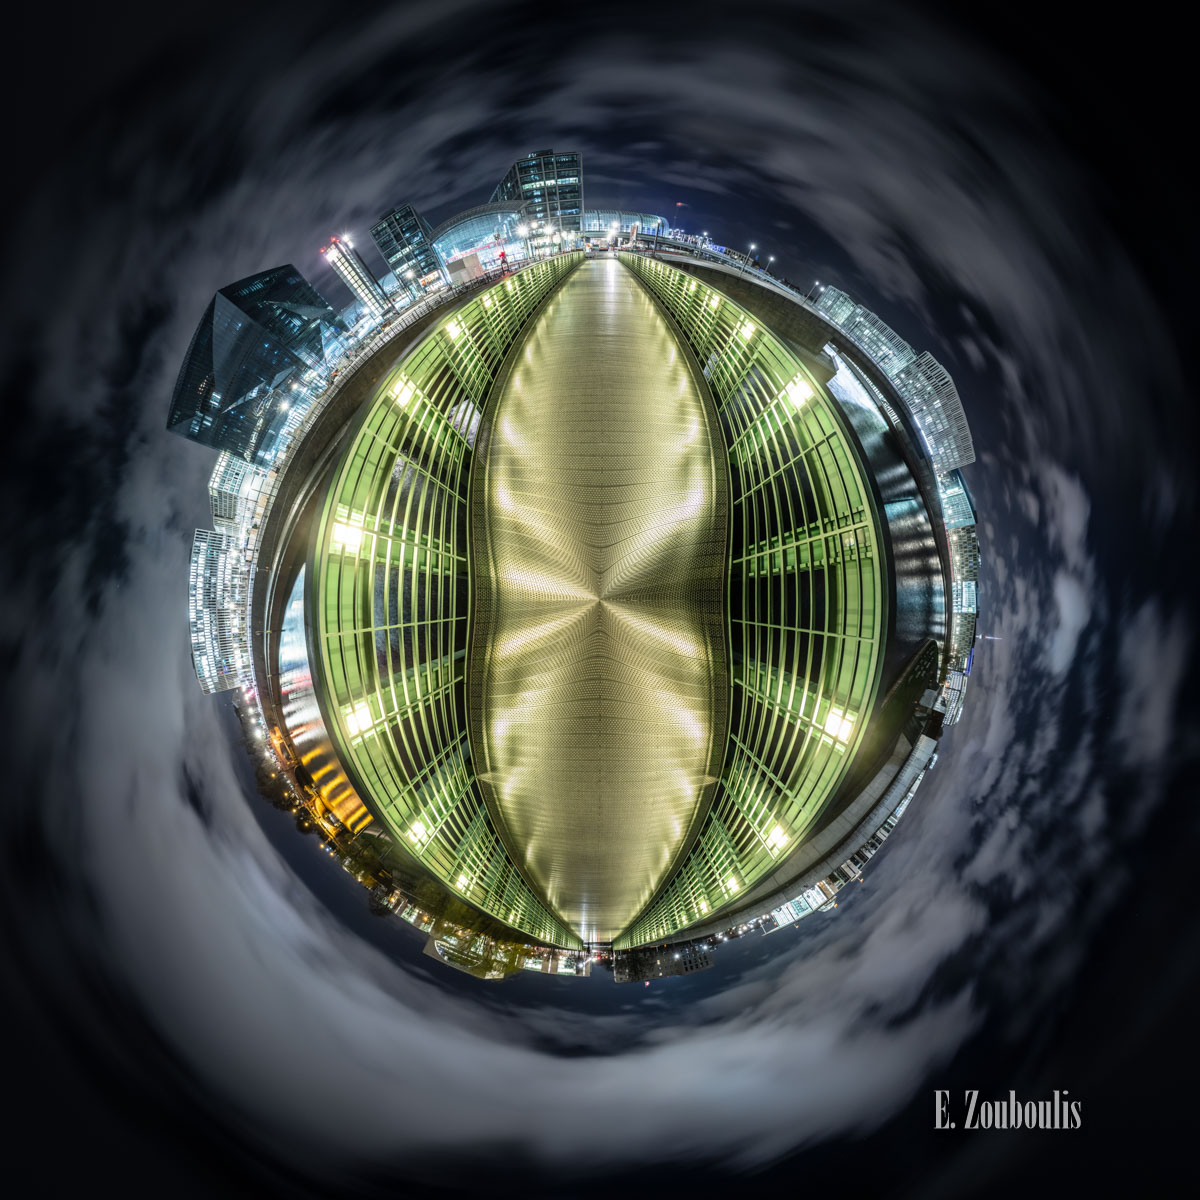 Berlin Snake Eye - Kleiner Planet an der Spree mit Blick auf den Hauptbahnhof und das Regierungsviertel von Berlin